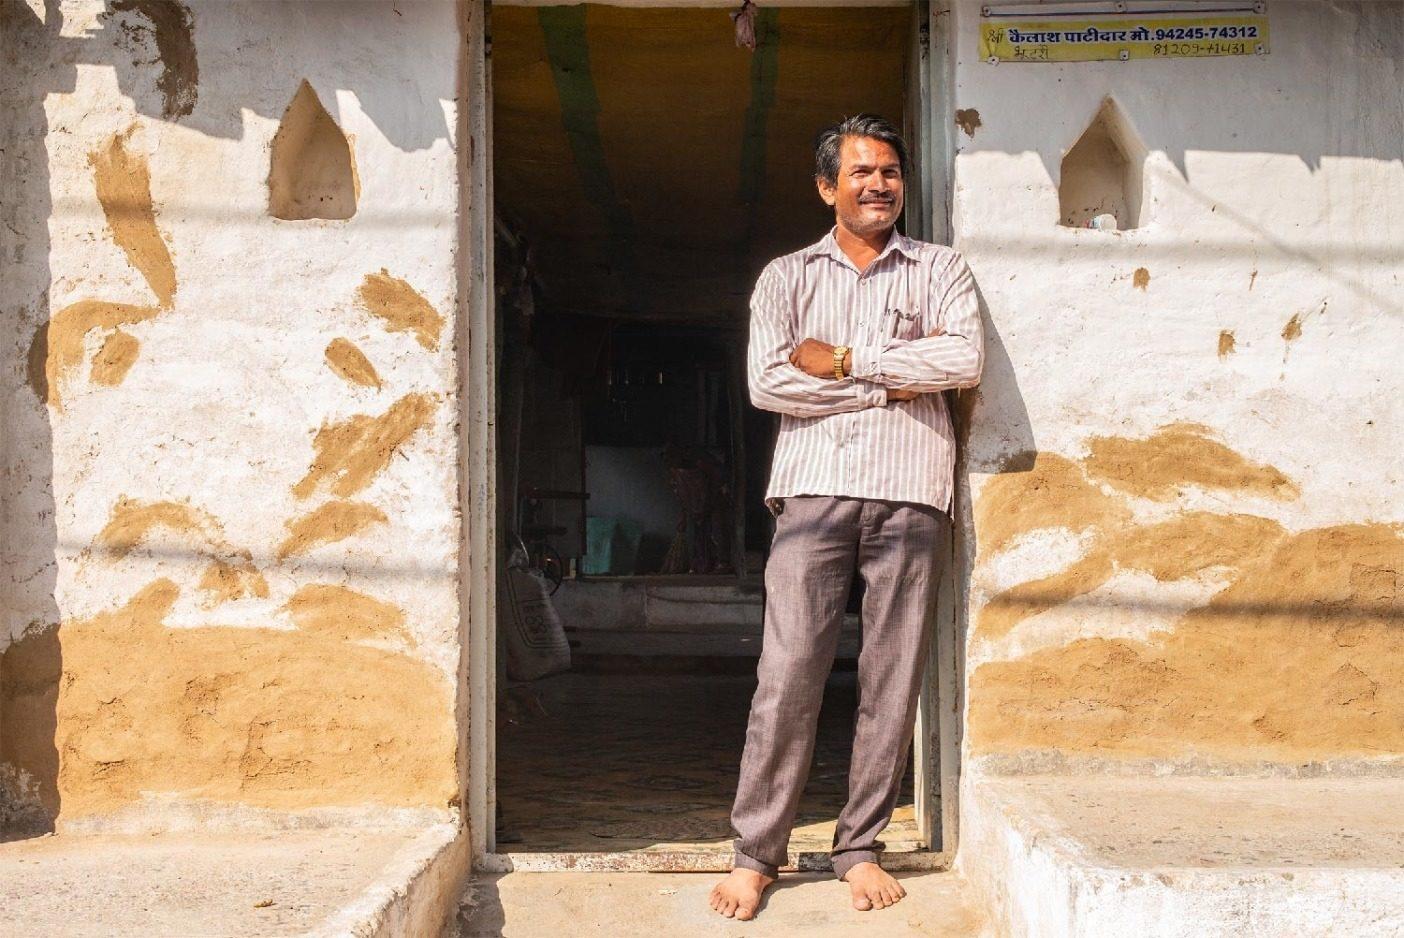 朝のチャイを飲んだあとのカイラッシュ・パティダール。彼の家族が所有するオーガニックコットン農場は、インドのマディヤ・プラデーシュ州インドールの郊外にある。異常気象がますます多くの農家に影響を与えるなか、パタゴニアは土壌タイプや気候に対してどういった農業方式が最適であるかを理解することに目を向けている。Photo:Tim Davis